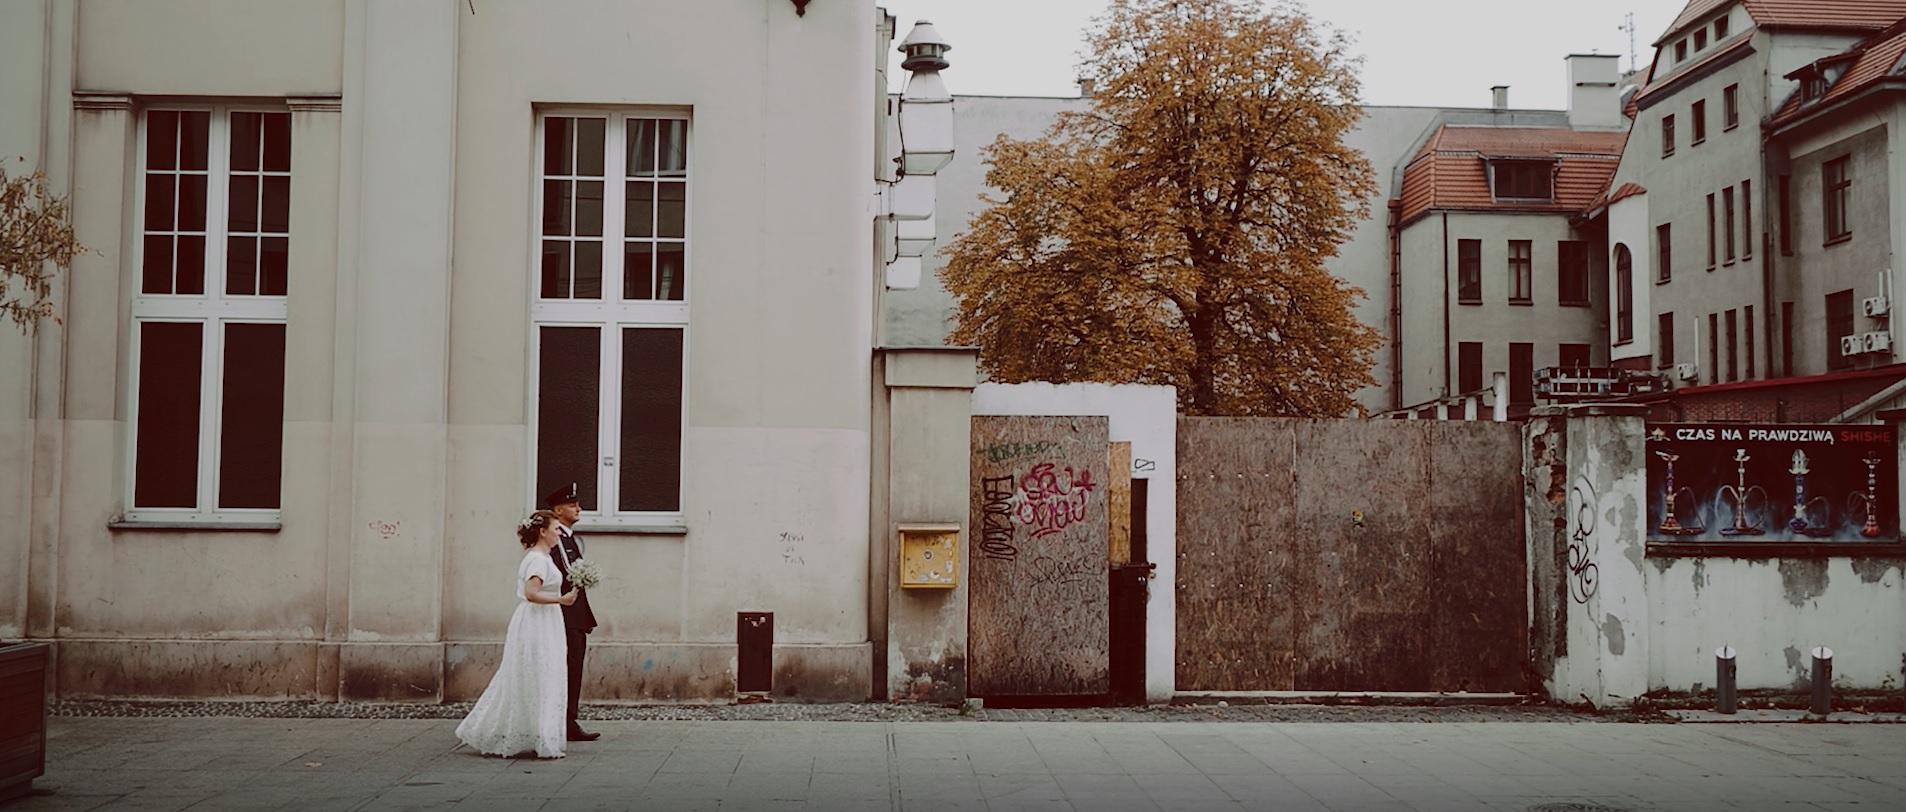 ślub cywilny pałac ślubów goldstein katowice śląsk wesele kraków małopolska